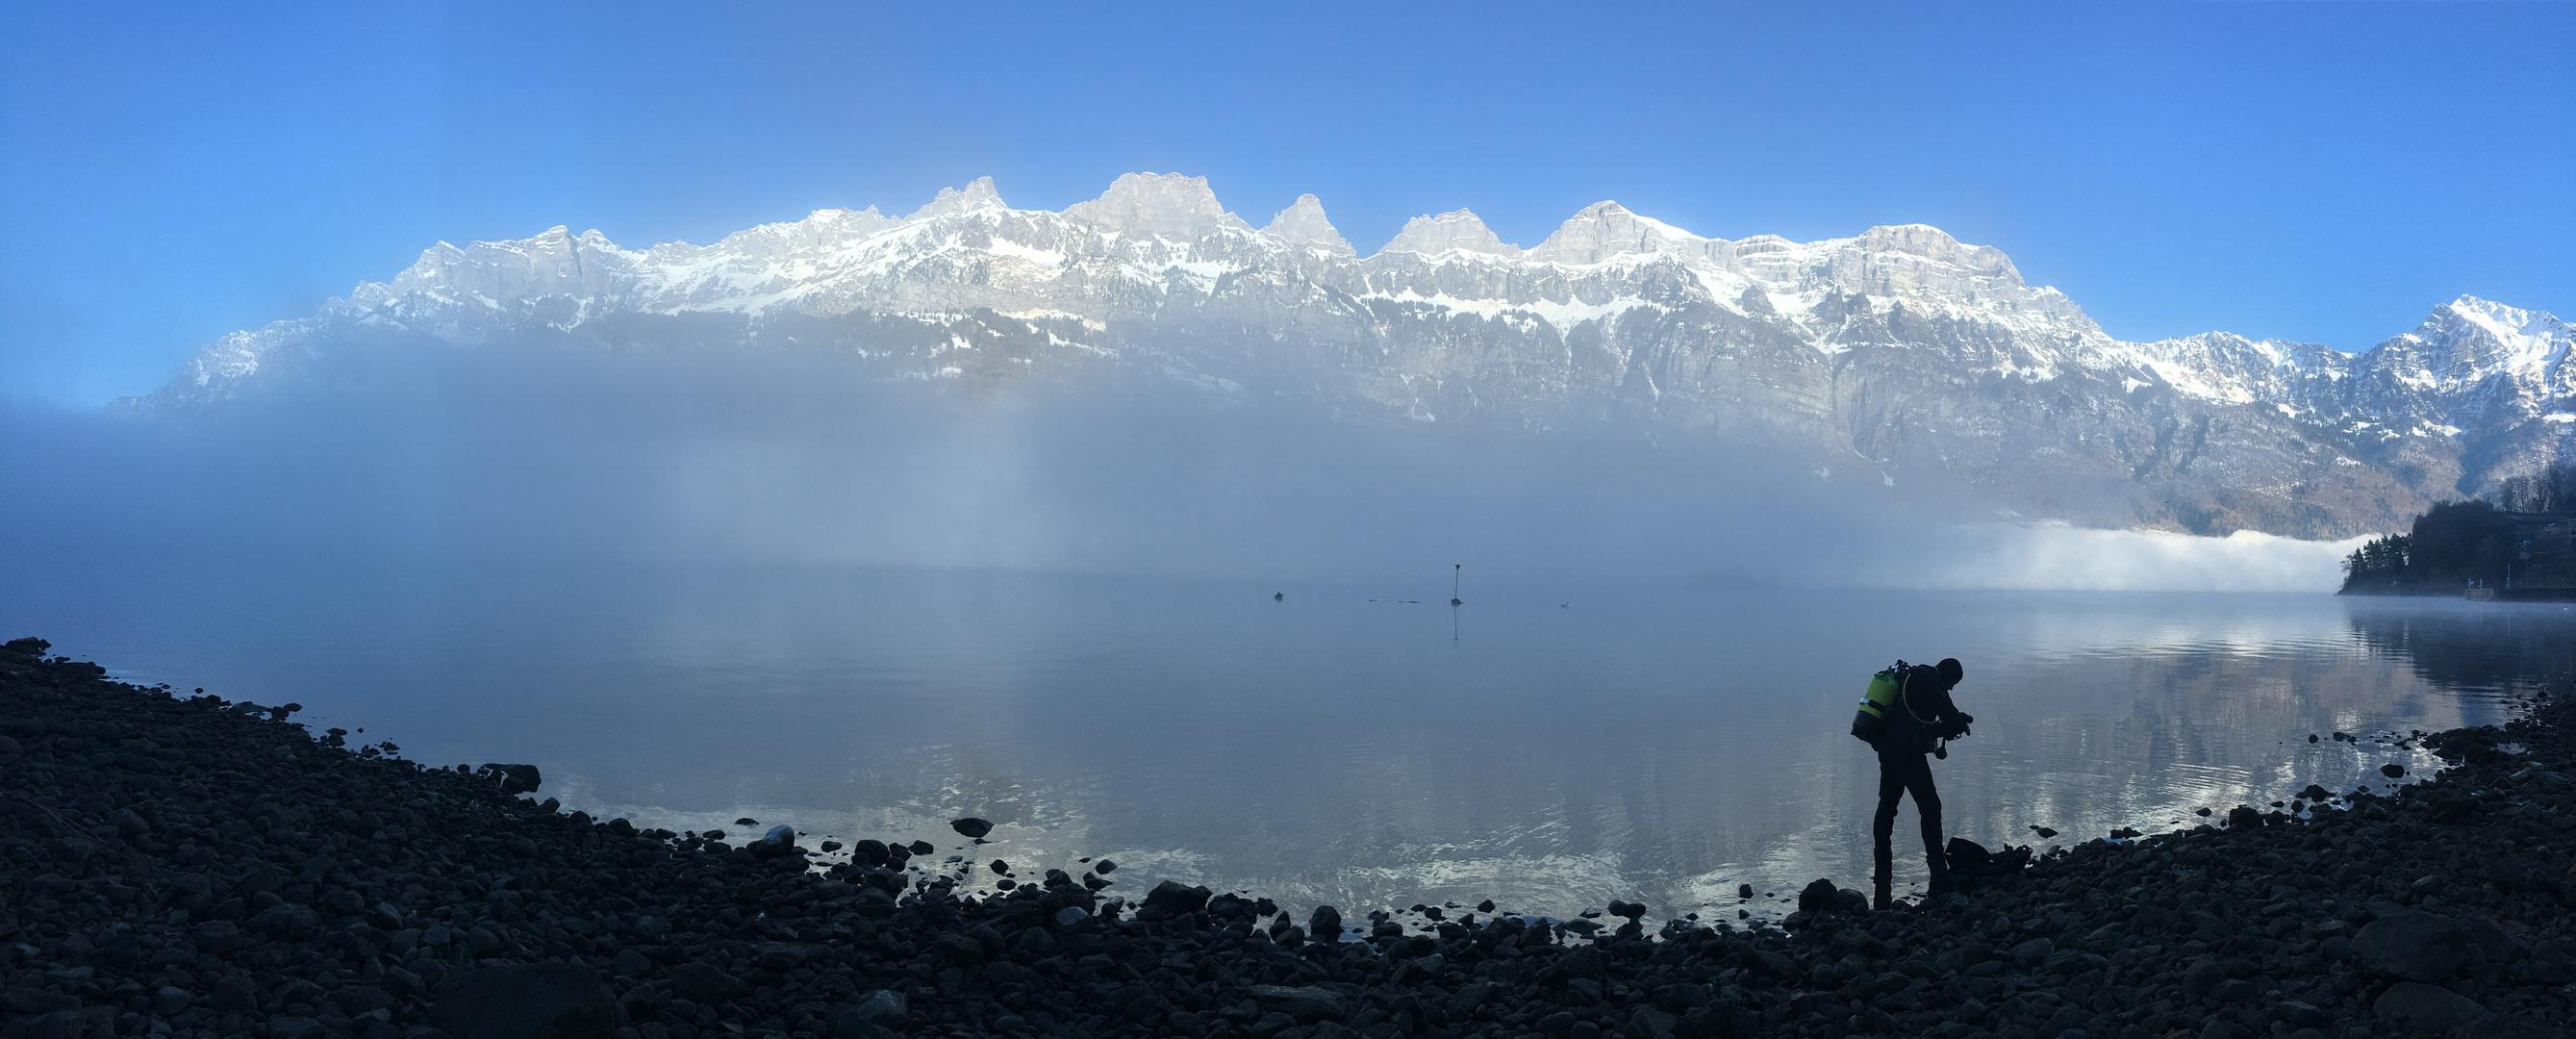 Tauchen im Walensee mit Churfirsten im Hintergrund (Mols bei Walenstadt /  Schweiz)